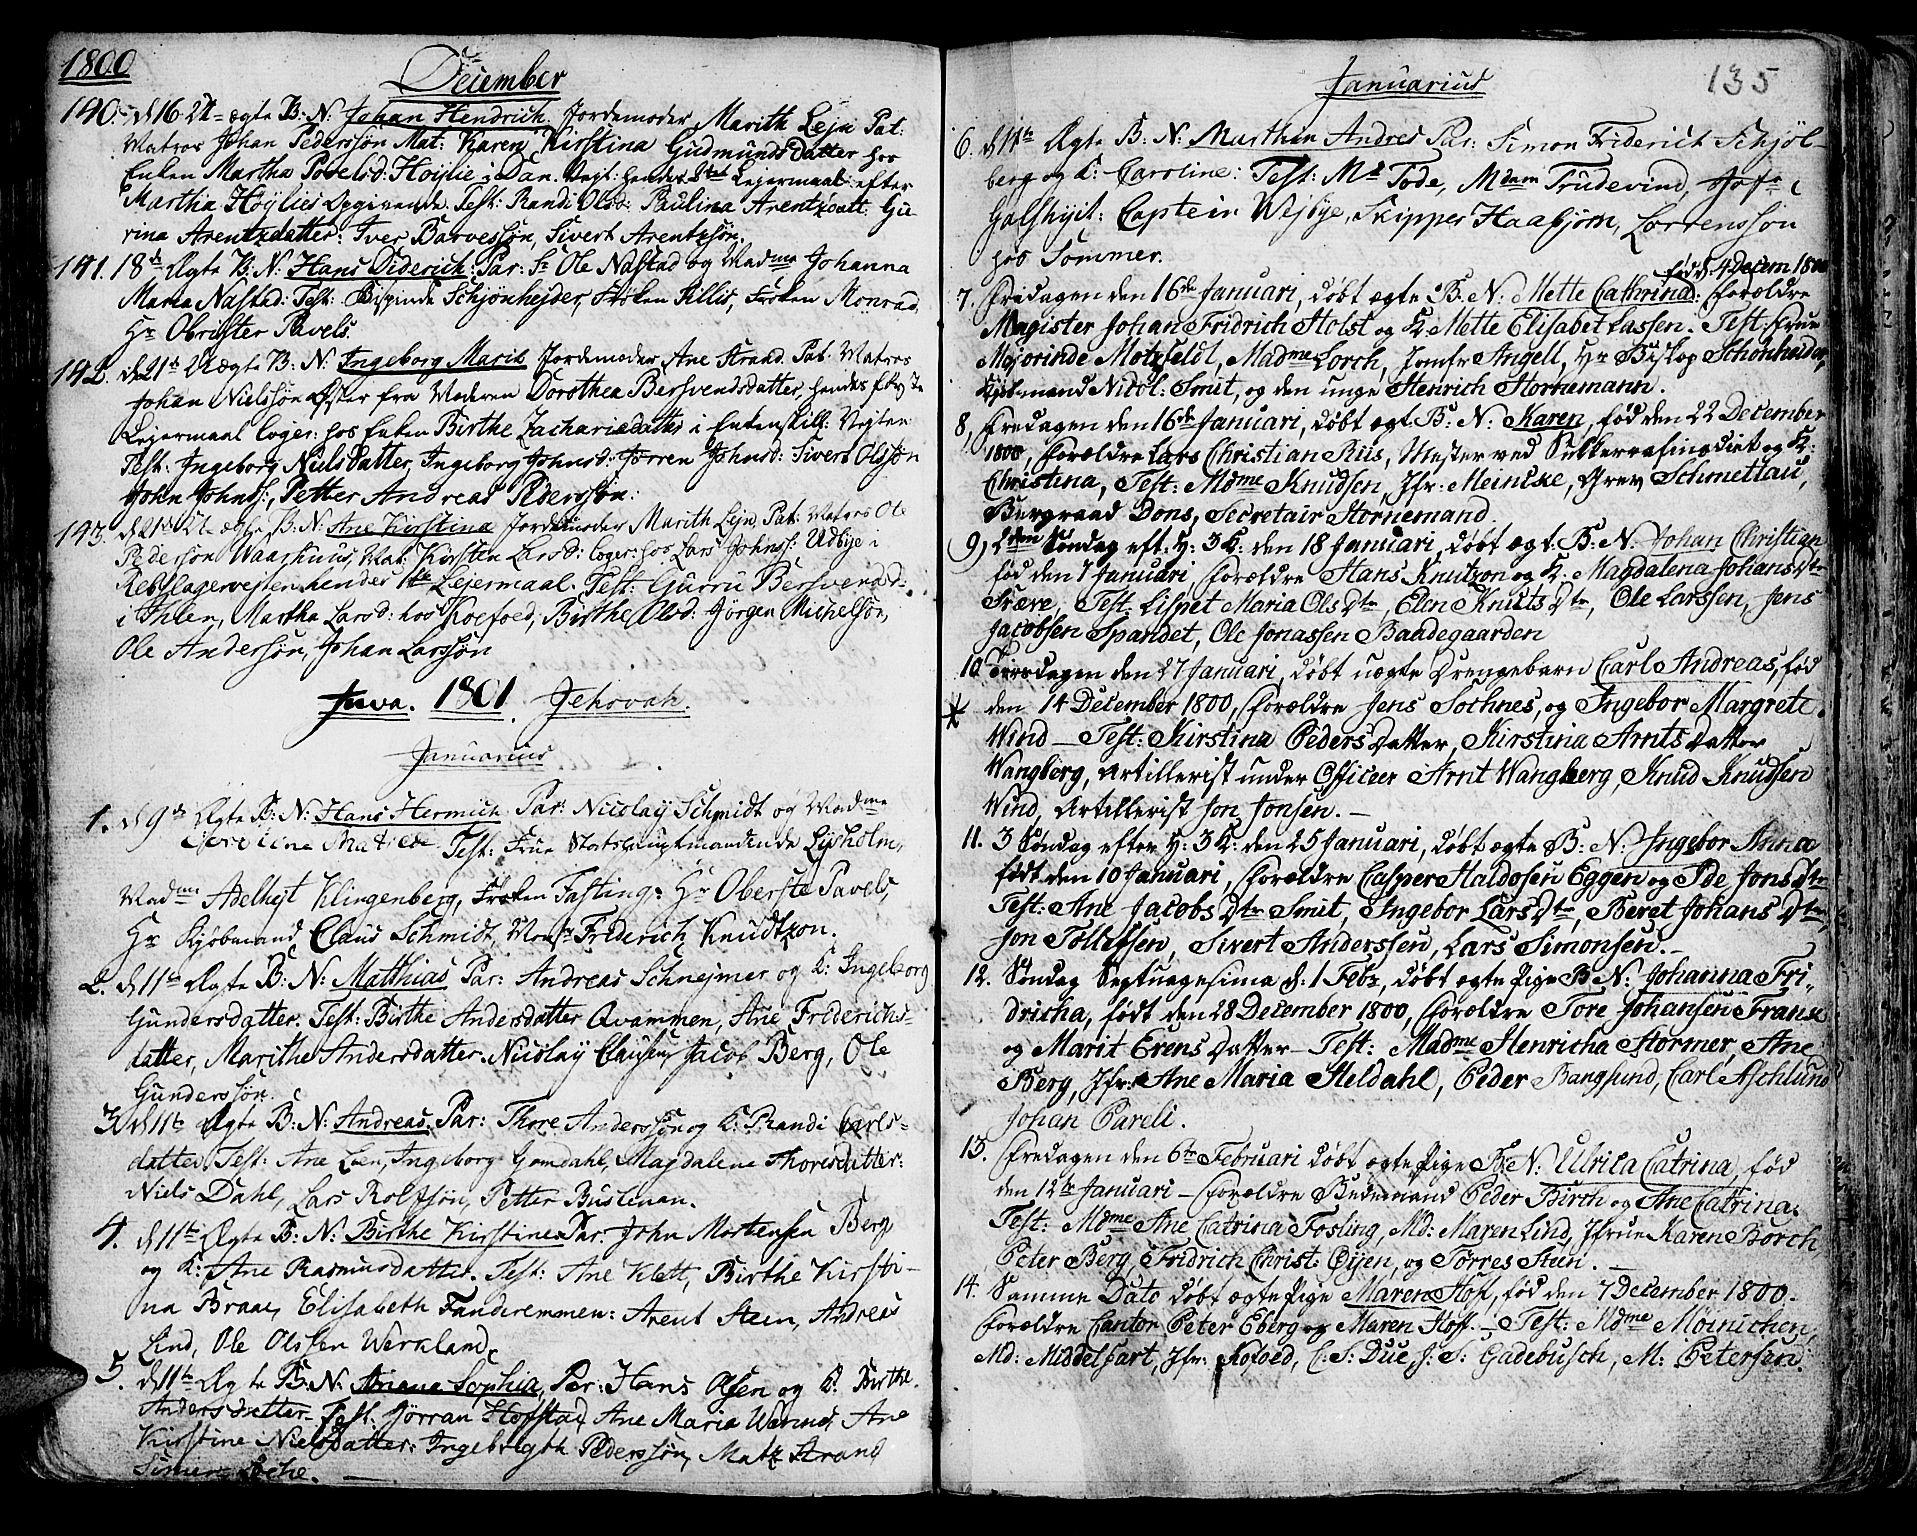 SAT, Ministerialprotokoller, klokkerbøker og fødselsregistre - Sør-Trøndelag, 601/L0039: Ministerialbok nr. 601A07, 1770-1819, s. 135